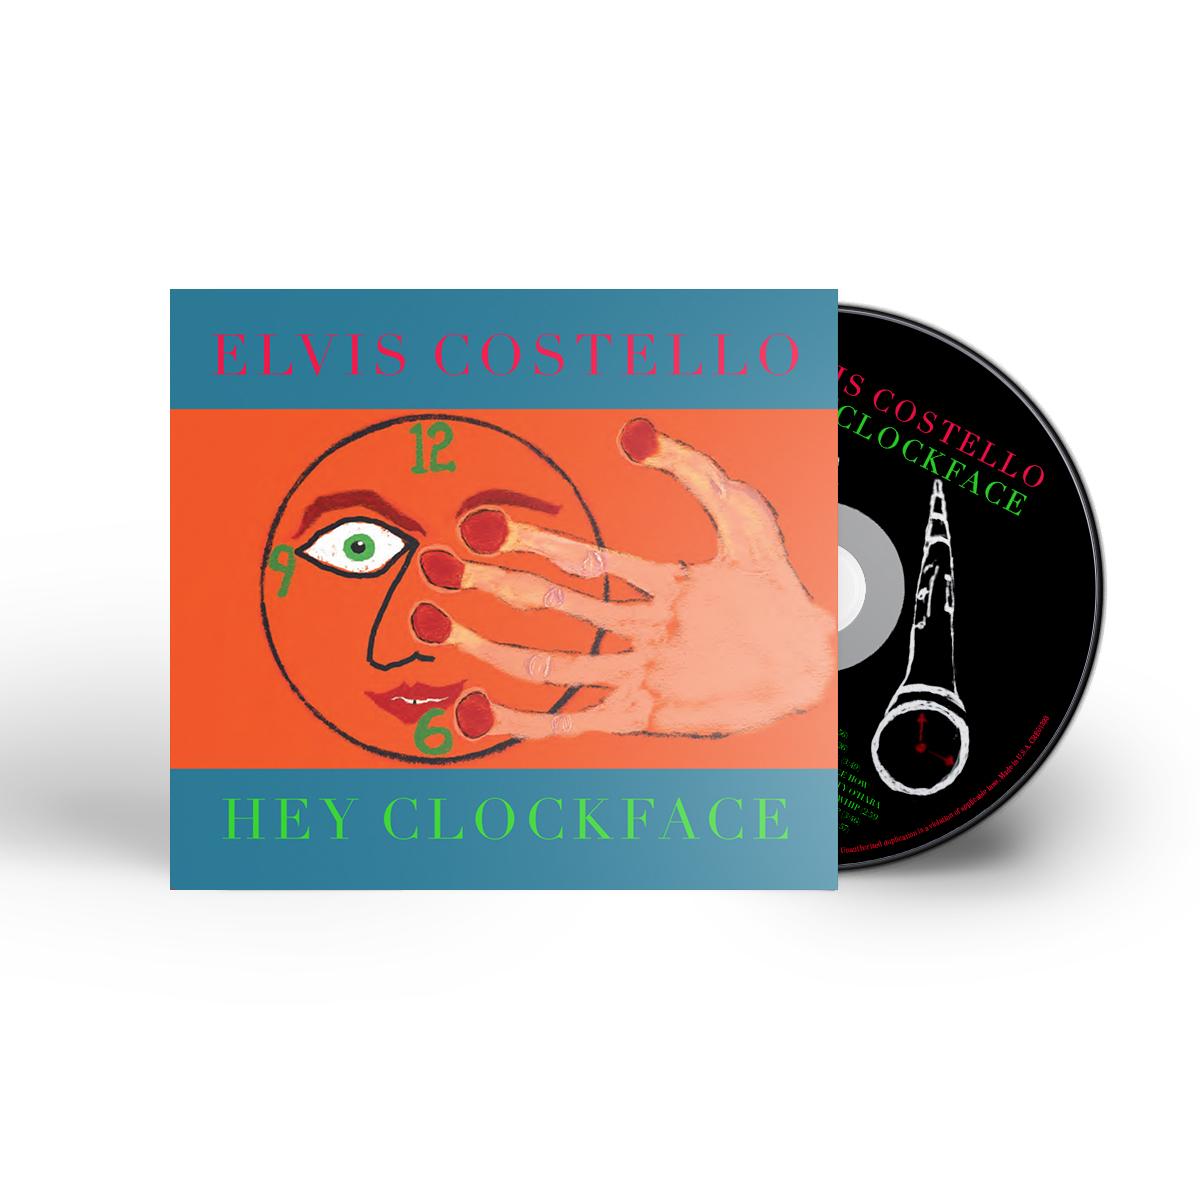 Hey Clockface orange boxers + 2xLP vinyl/CD/download (optional)